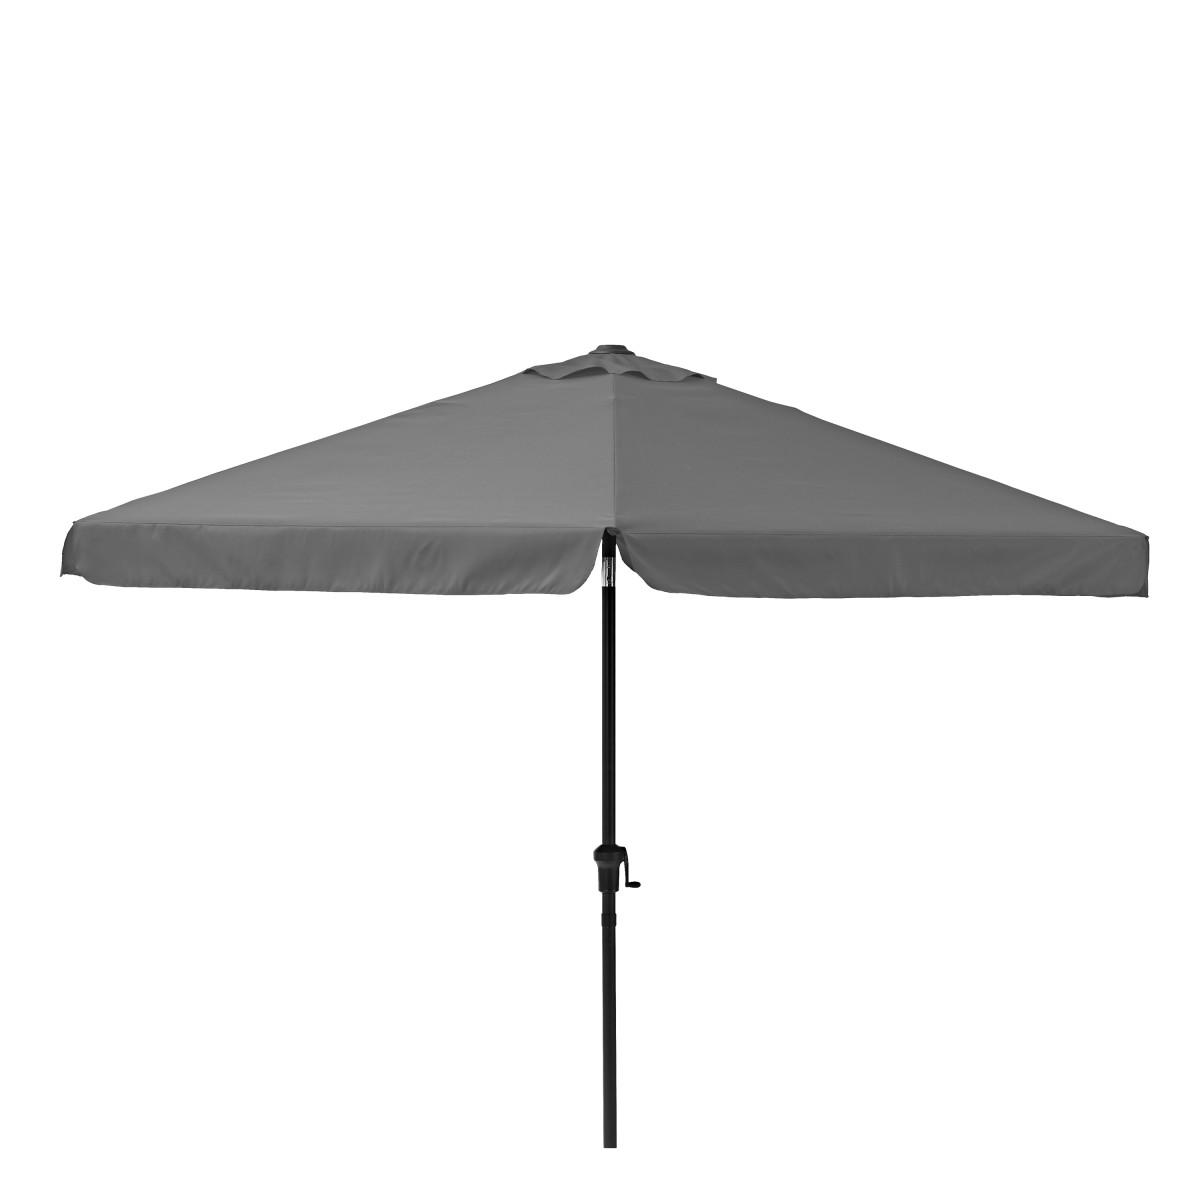 Зонт садовый Naterial Avea 3 м темно-серый